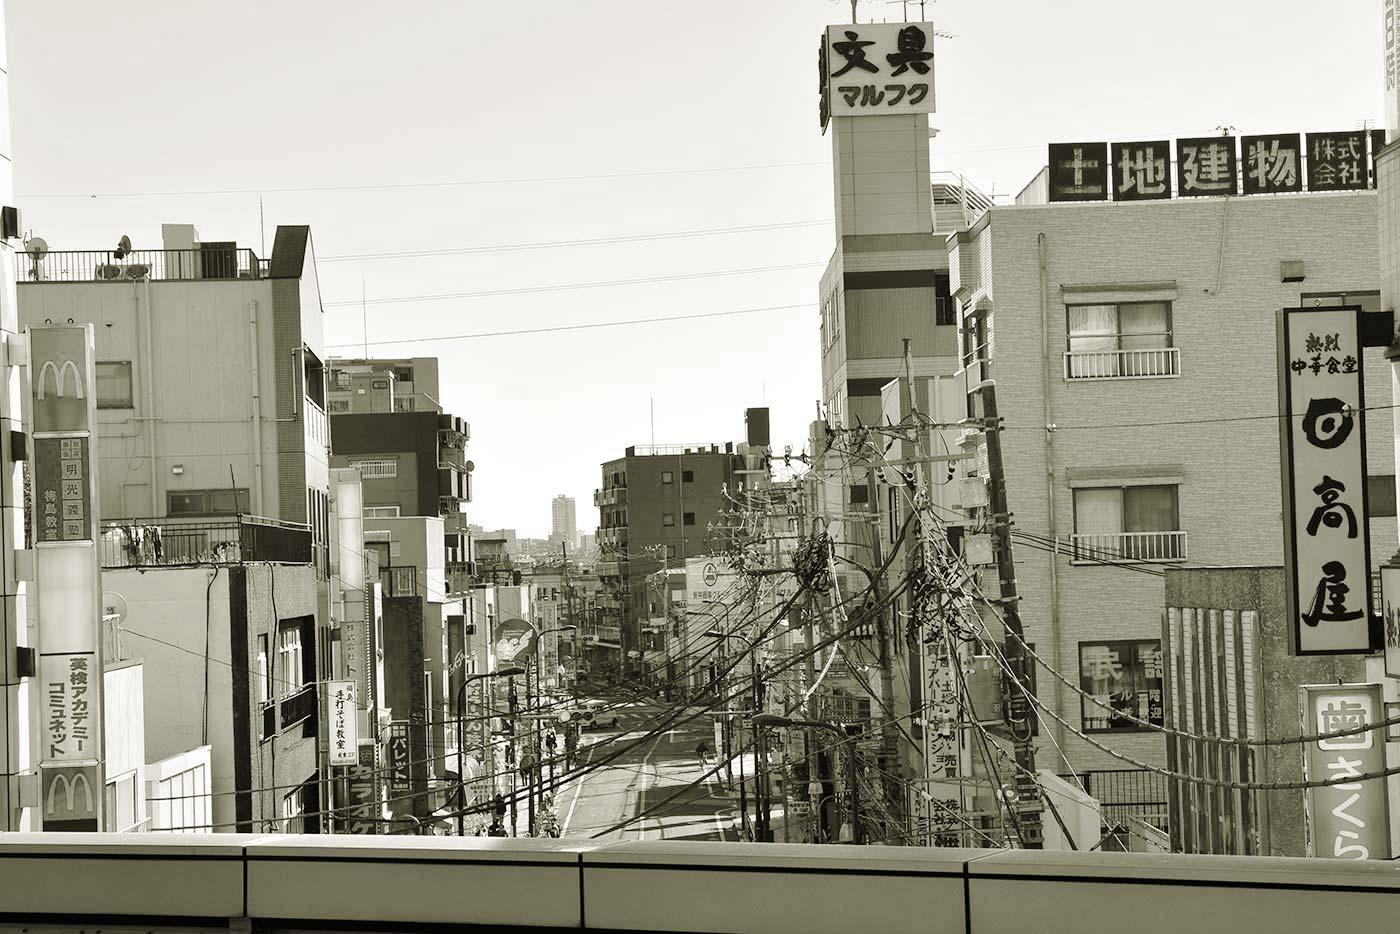 umejima_002